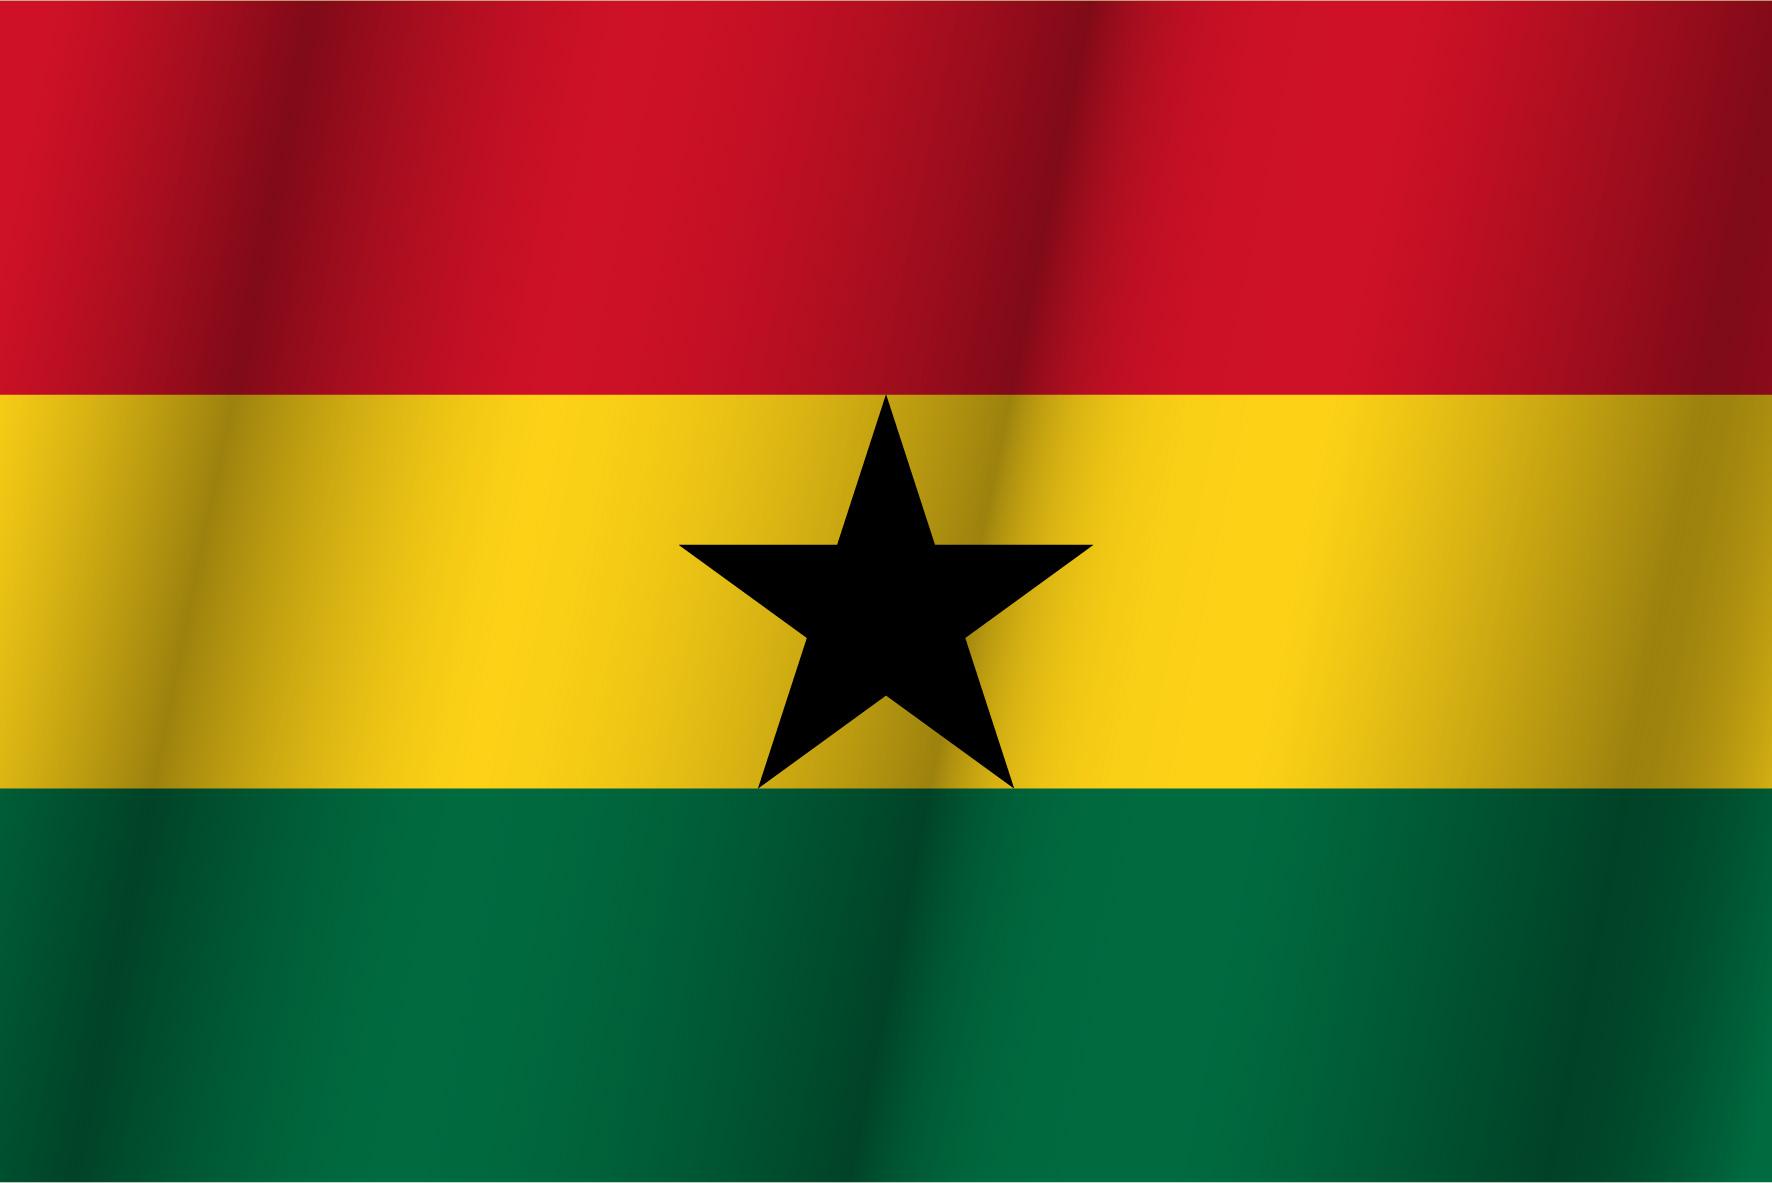 bandera verde y blanca con estrella roja